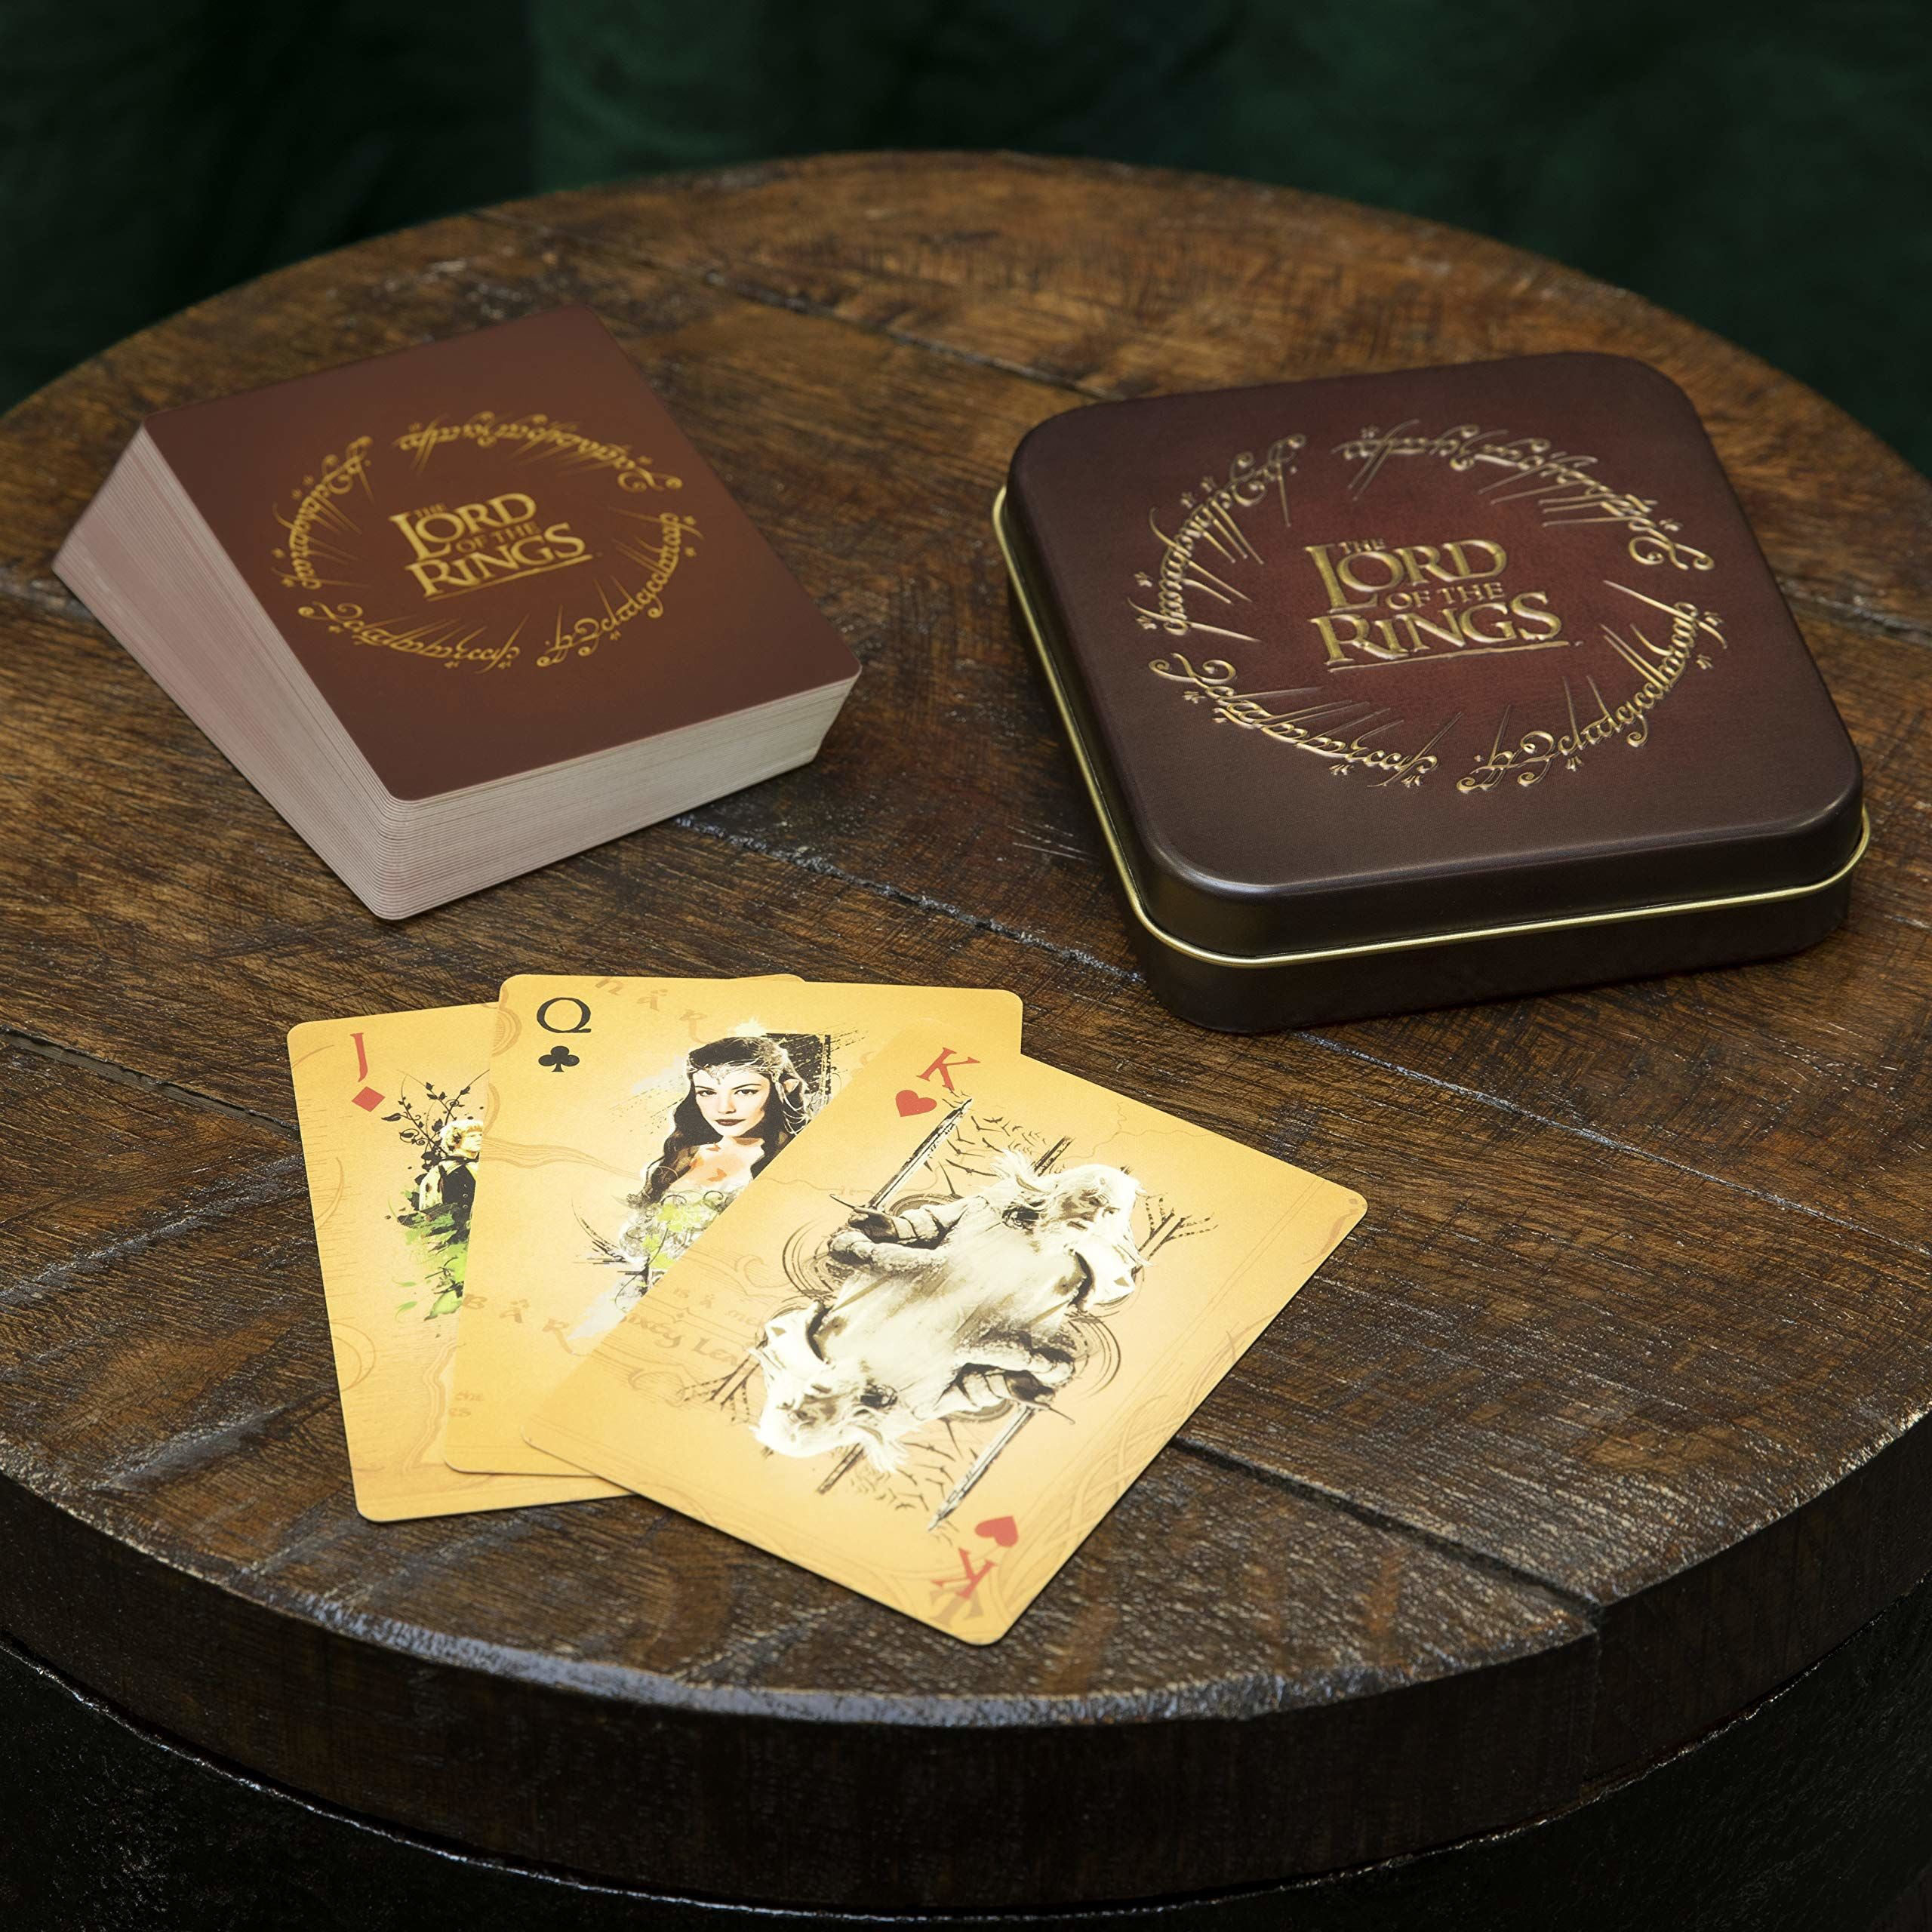 Paladone The Lord of the Rings karty do gry standardowa deska z wytłaczaną blachą